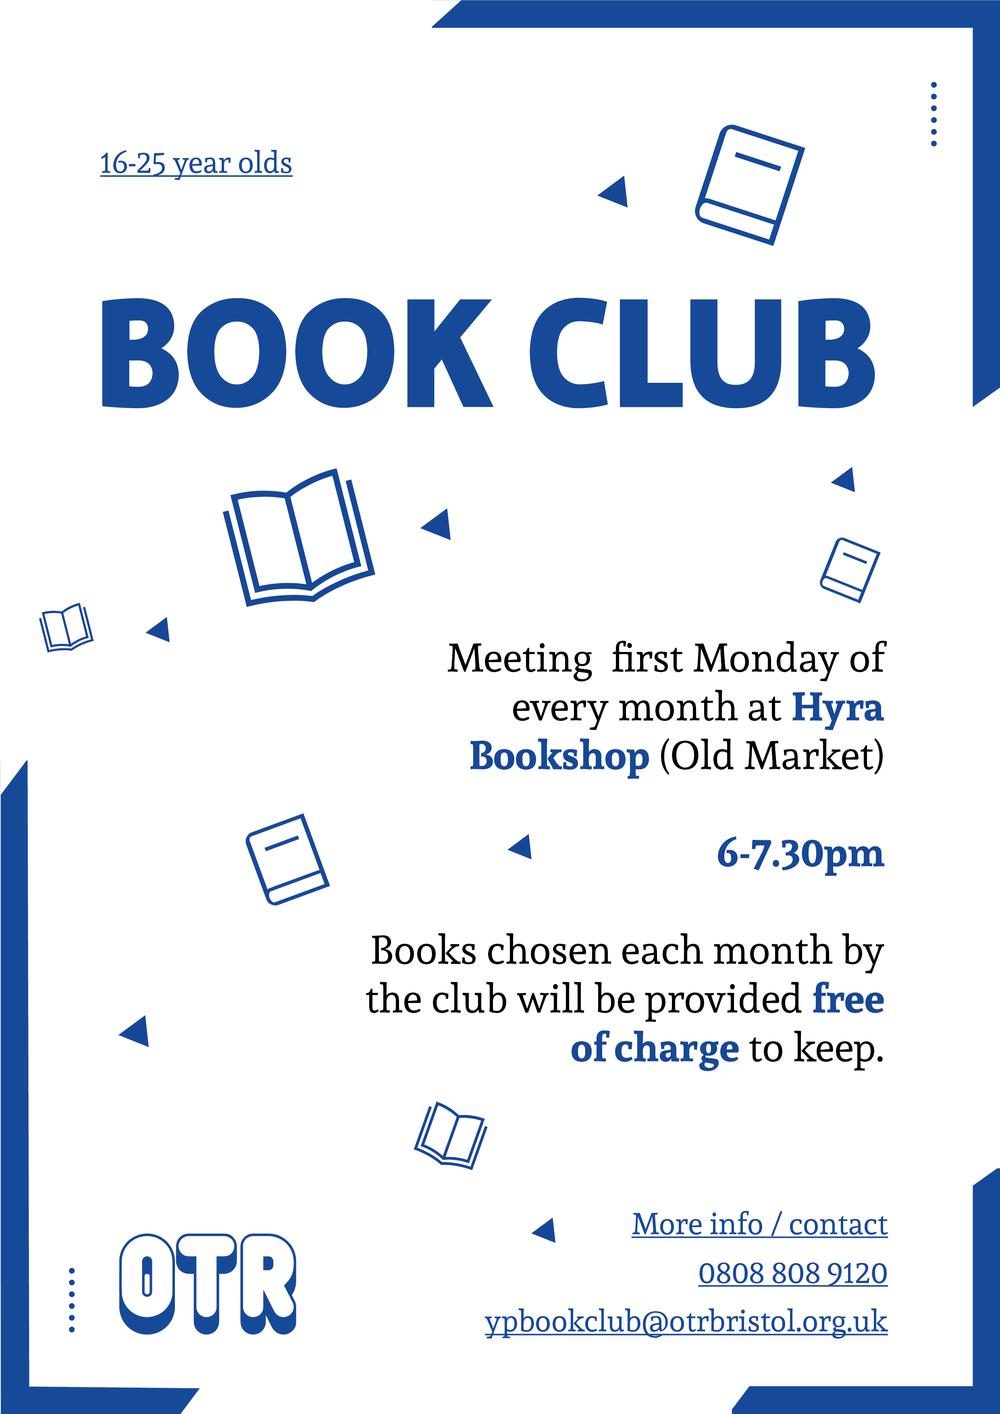 Bookclub_Artboard 3.png